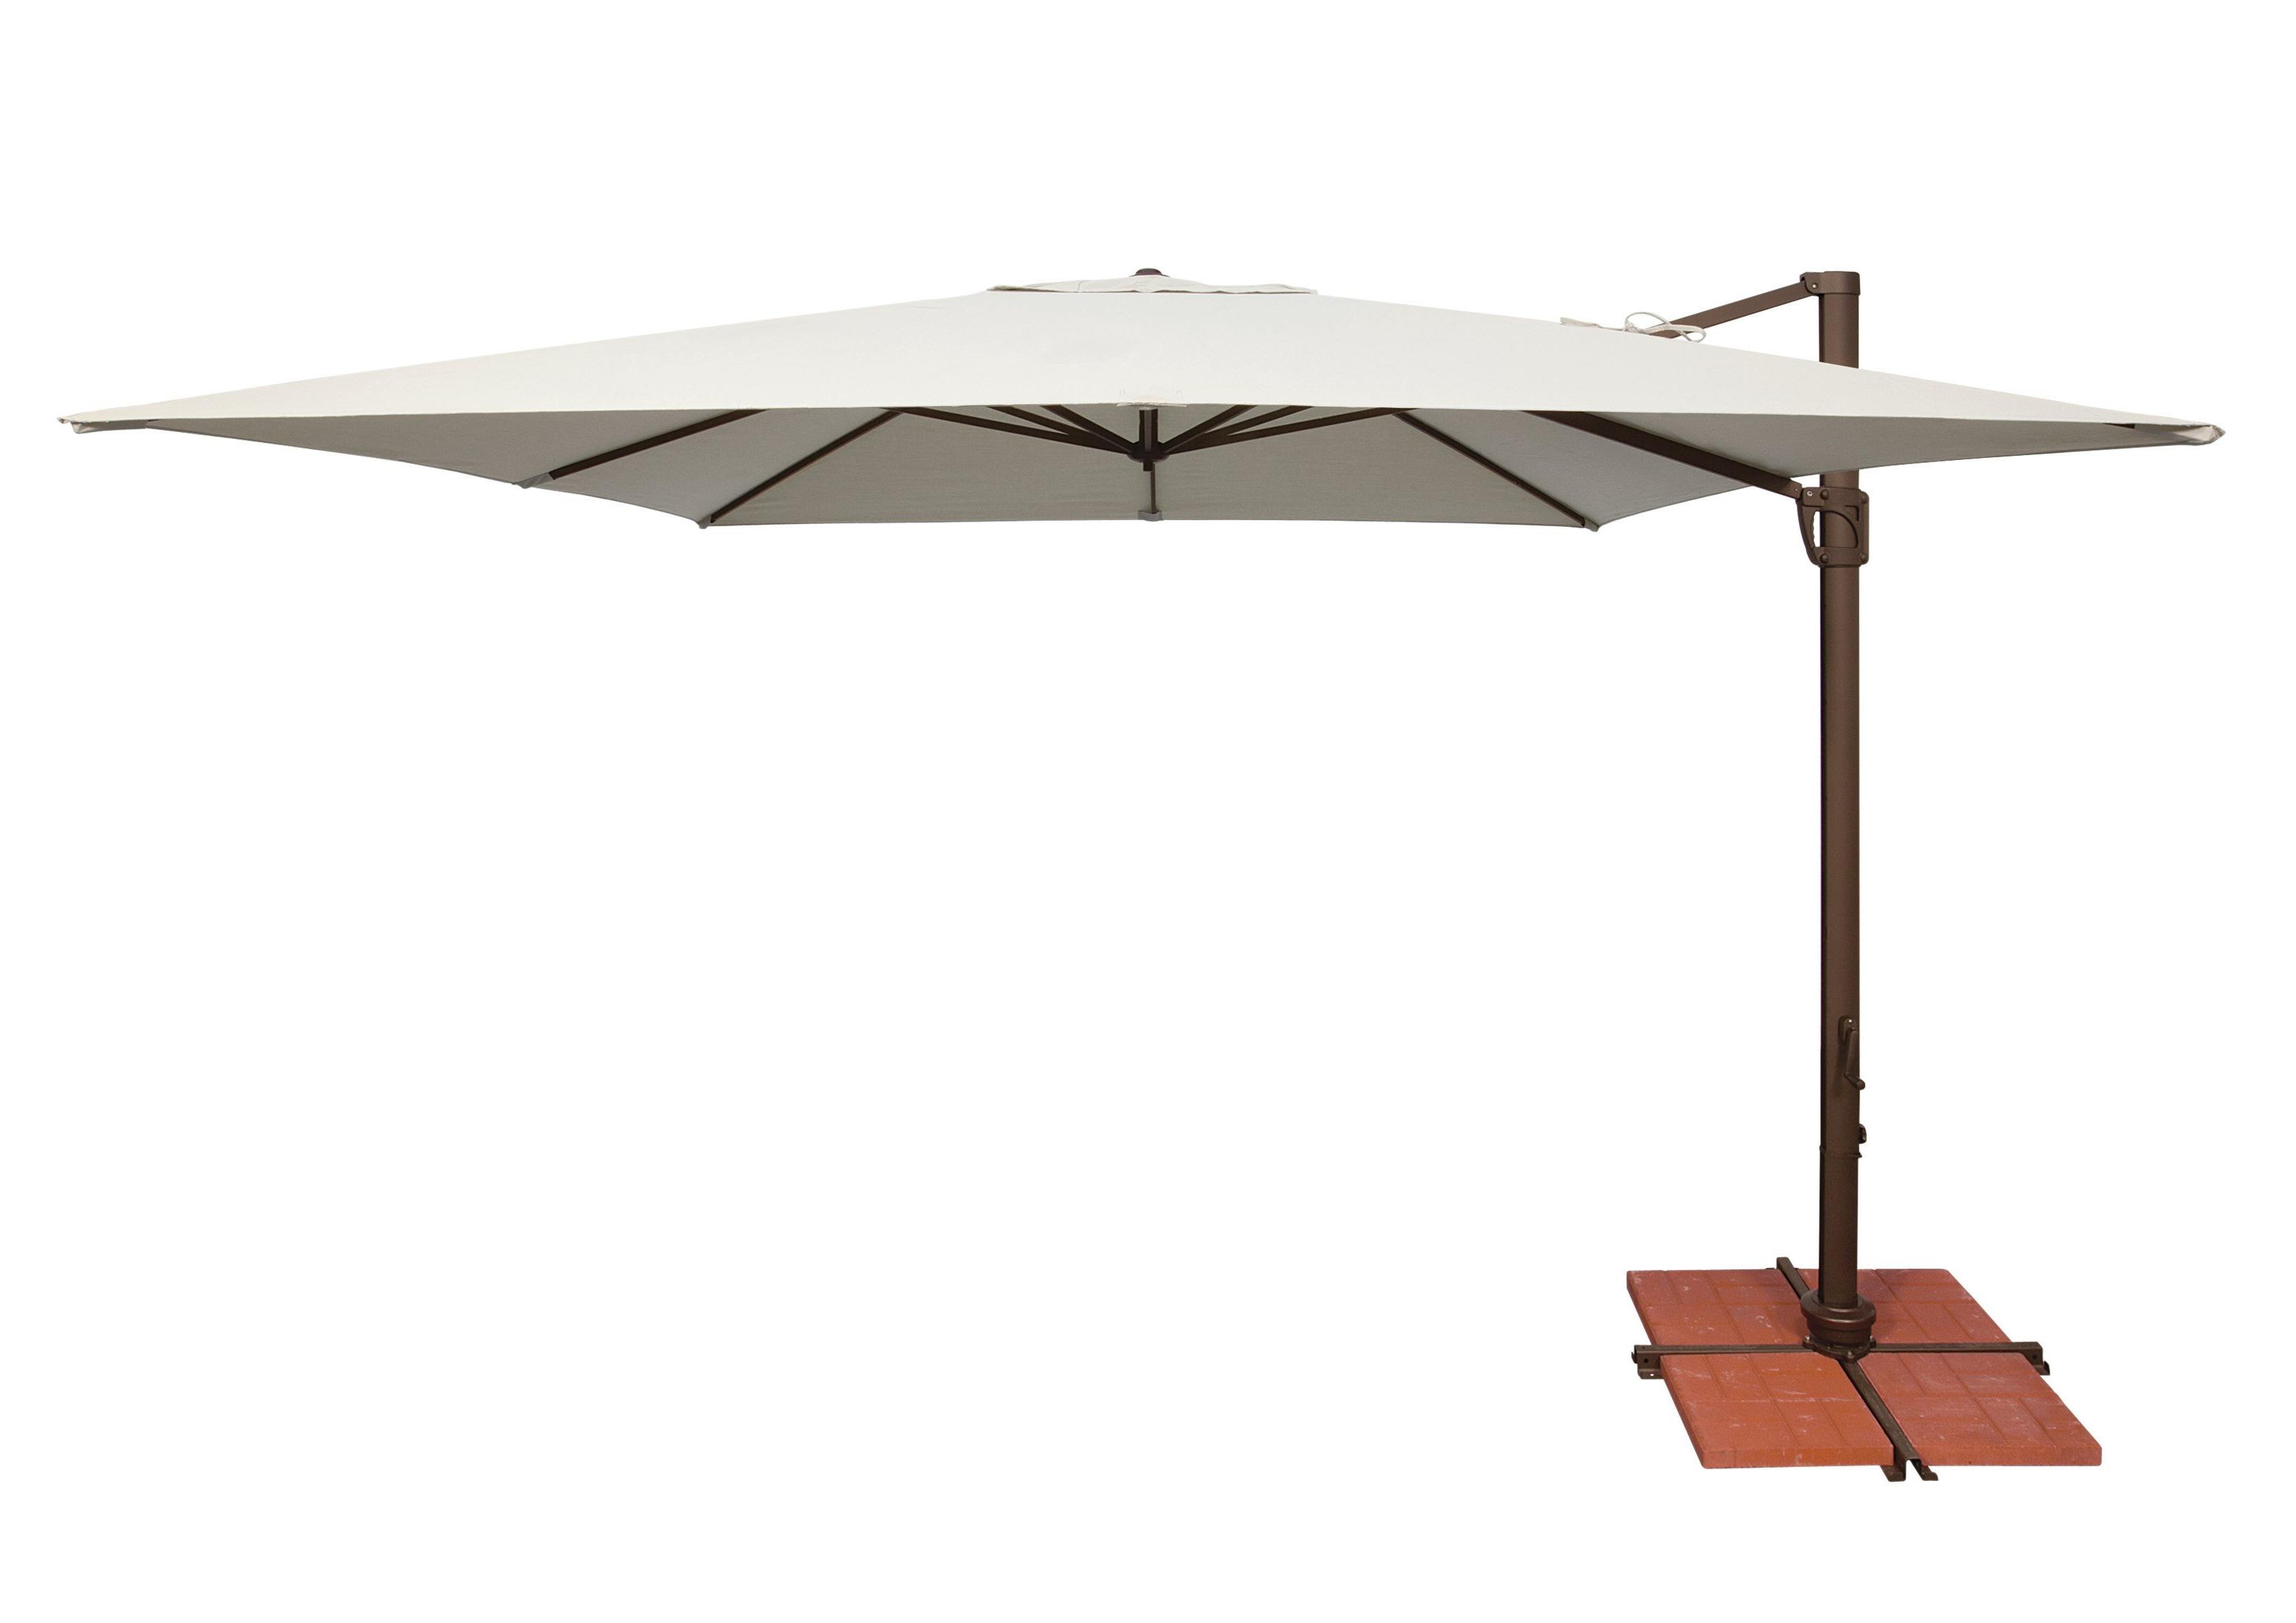 Windell 10' Square Cantilever Umbrella Regarding Widely Used Maidste Square Cantilever Umbrellas (View 20 of 20)